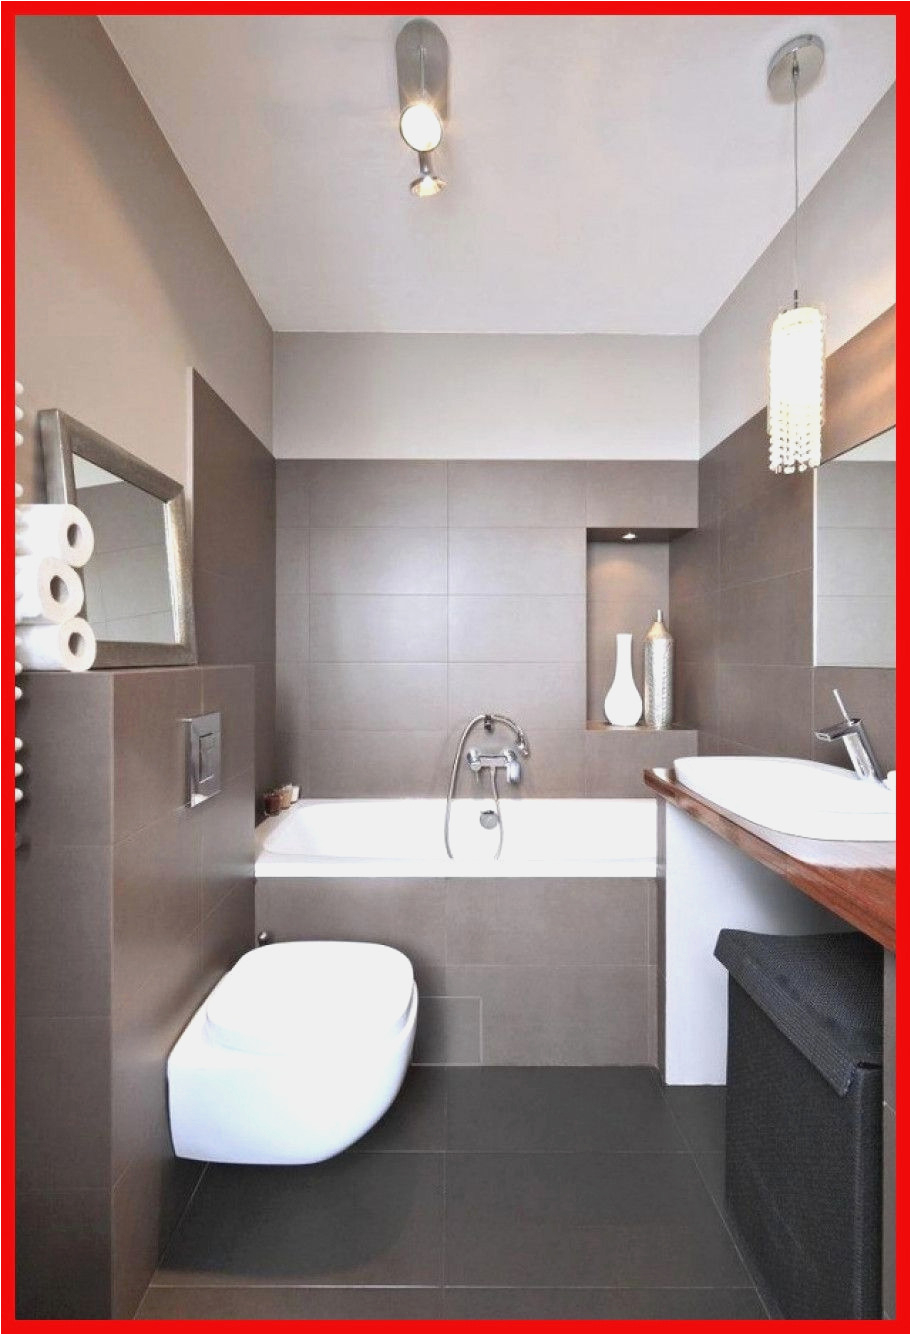 badezimmer ideen bilder frisch platten statt fliesen im bad genial badezimmer ideen fliesen of badezimmer ideen bilder